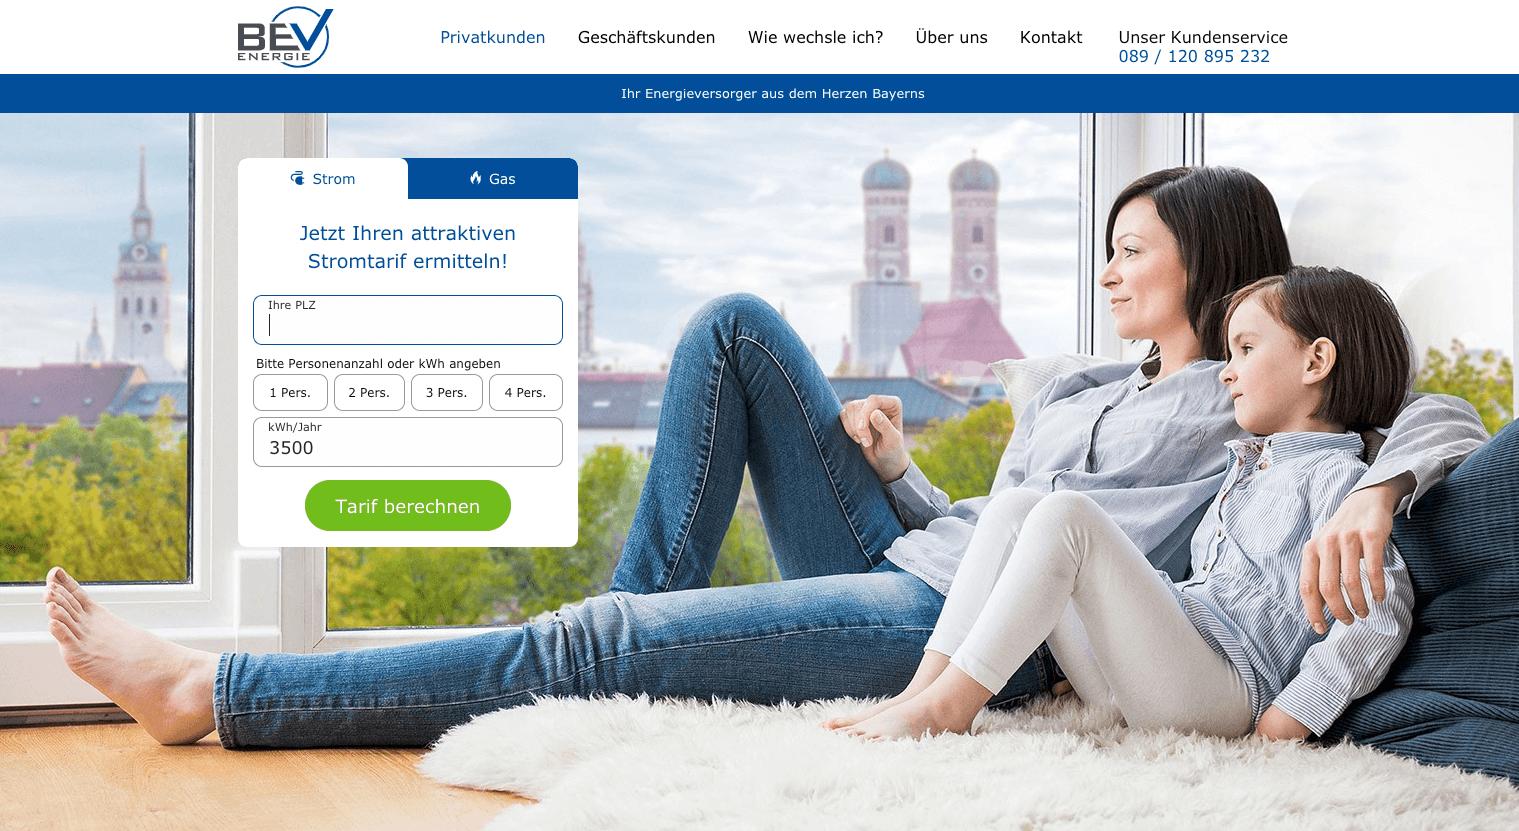 BEV Energie Homepage